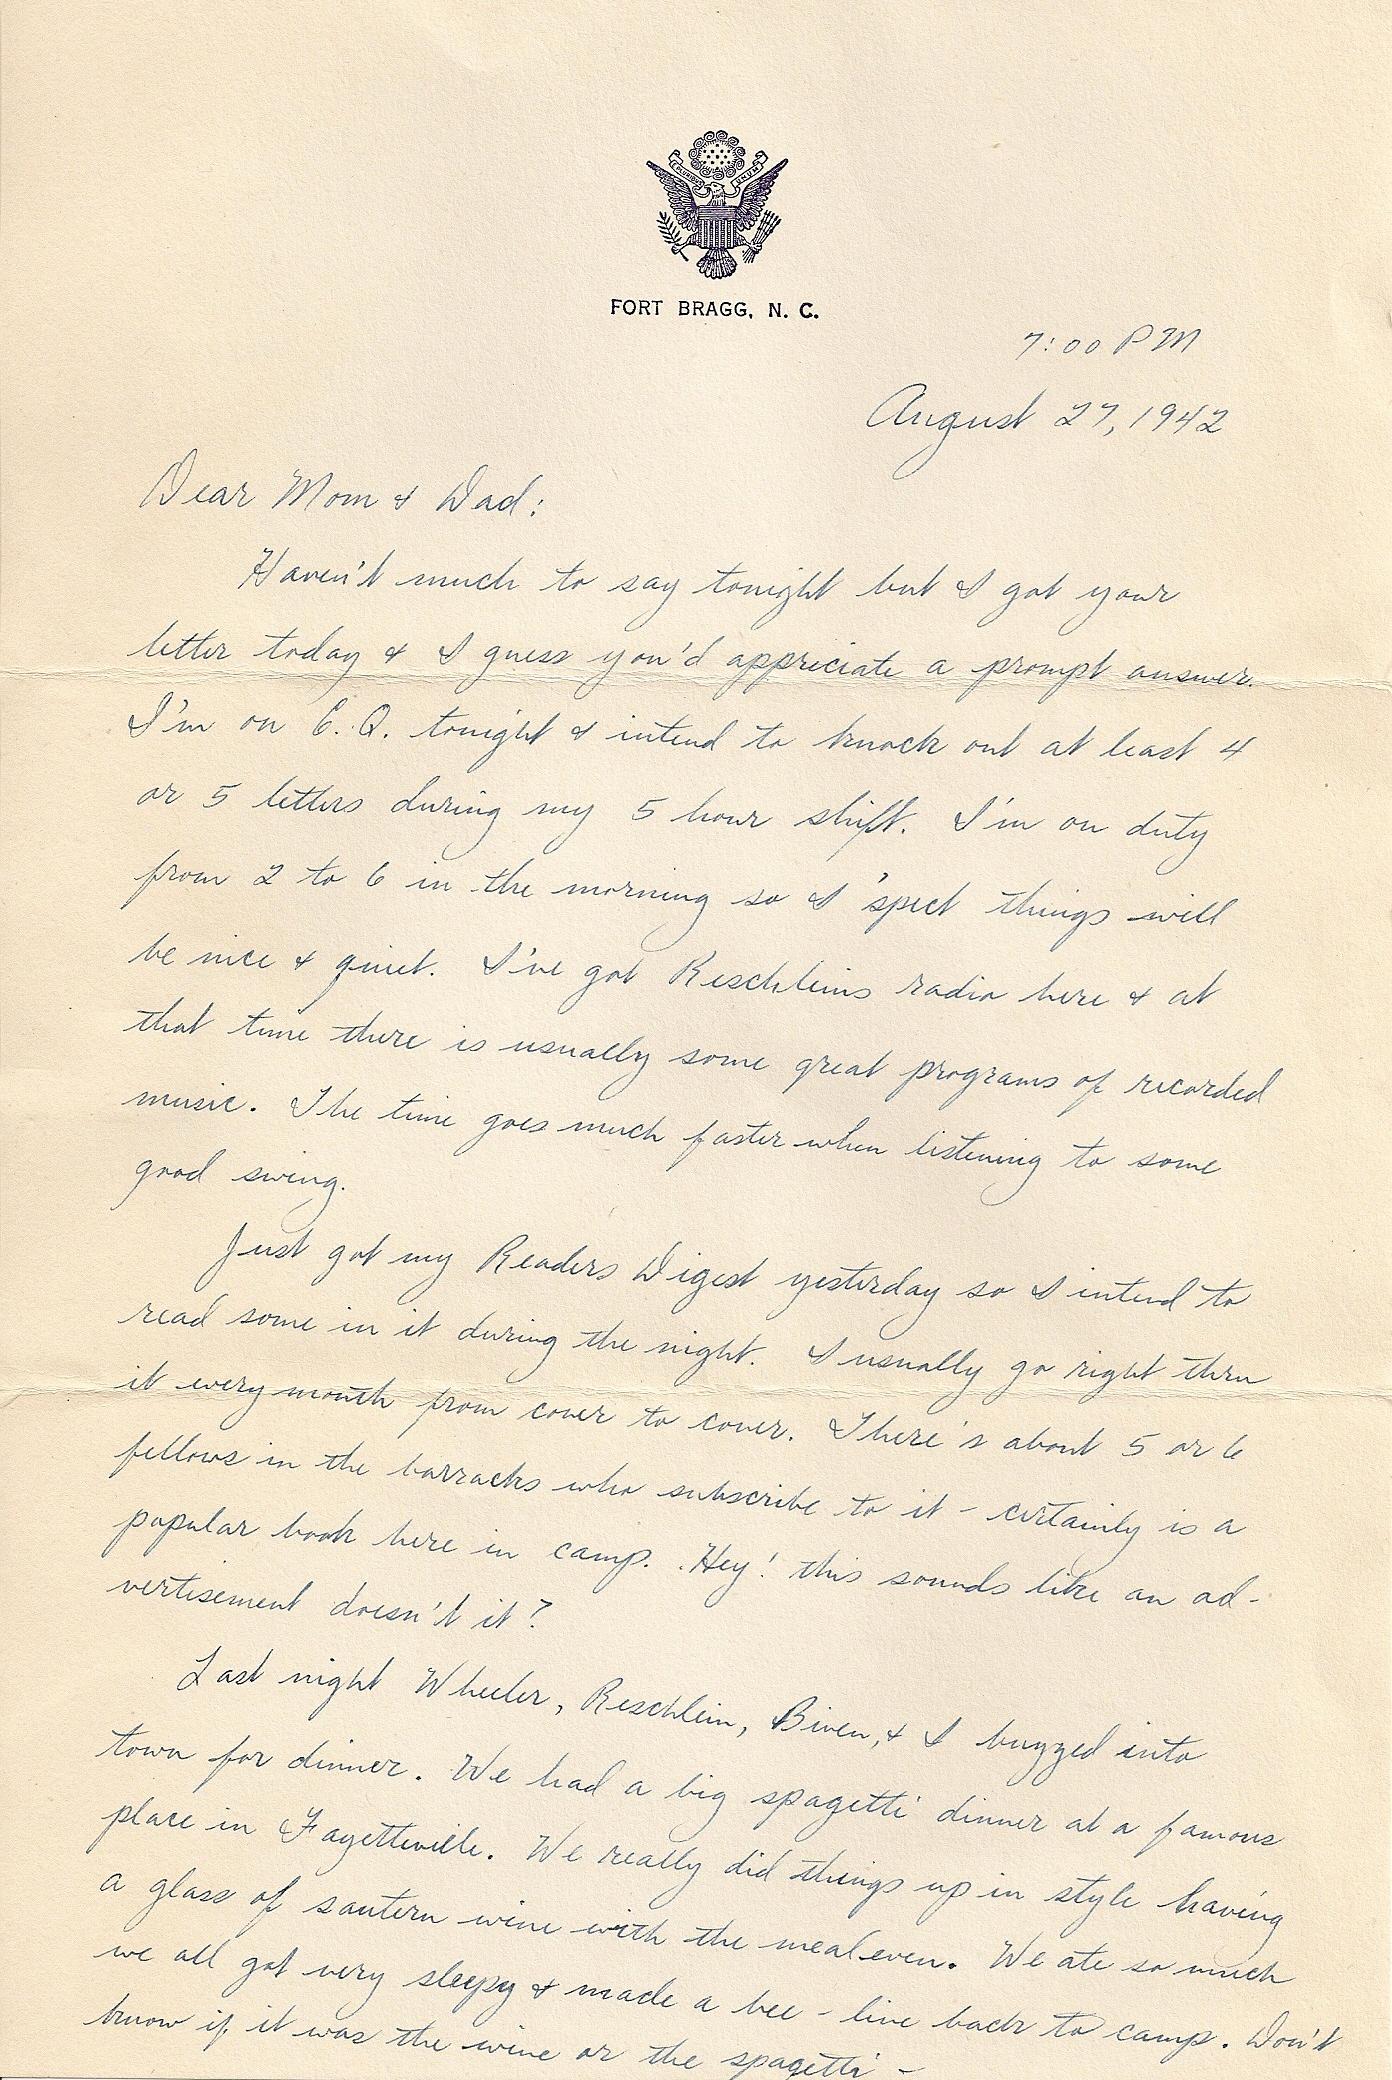 8.27.1942b.jpg